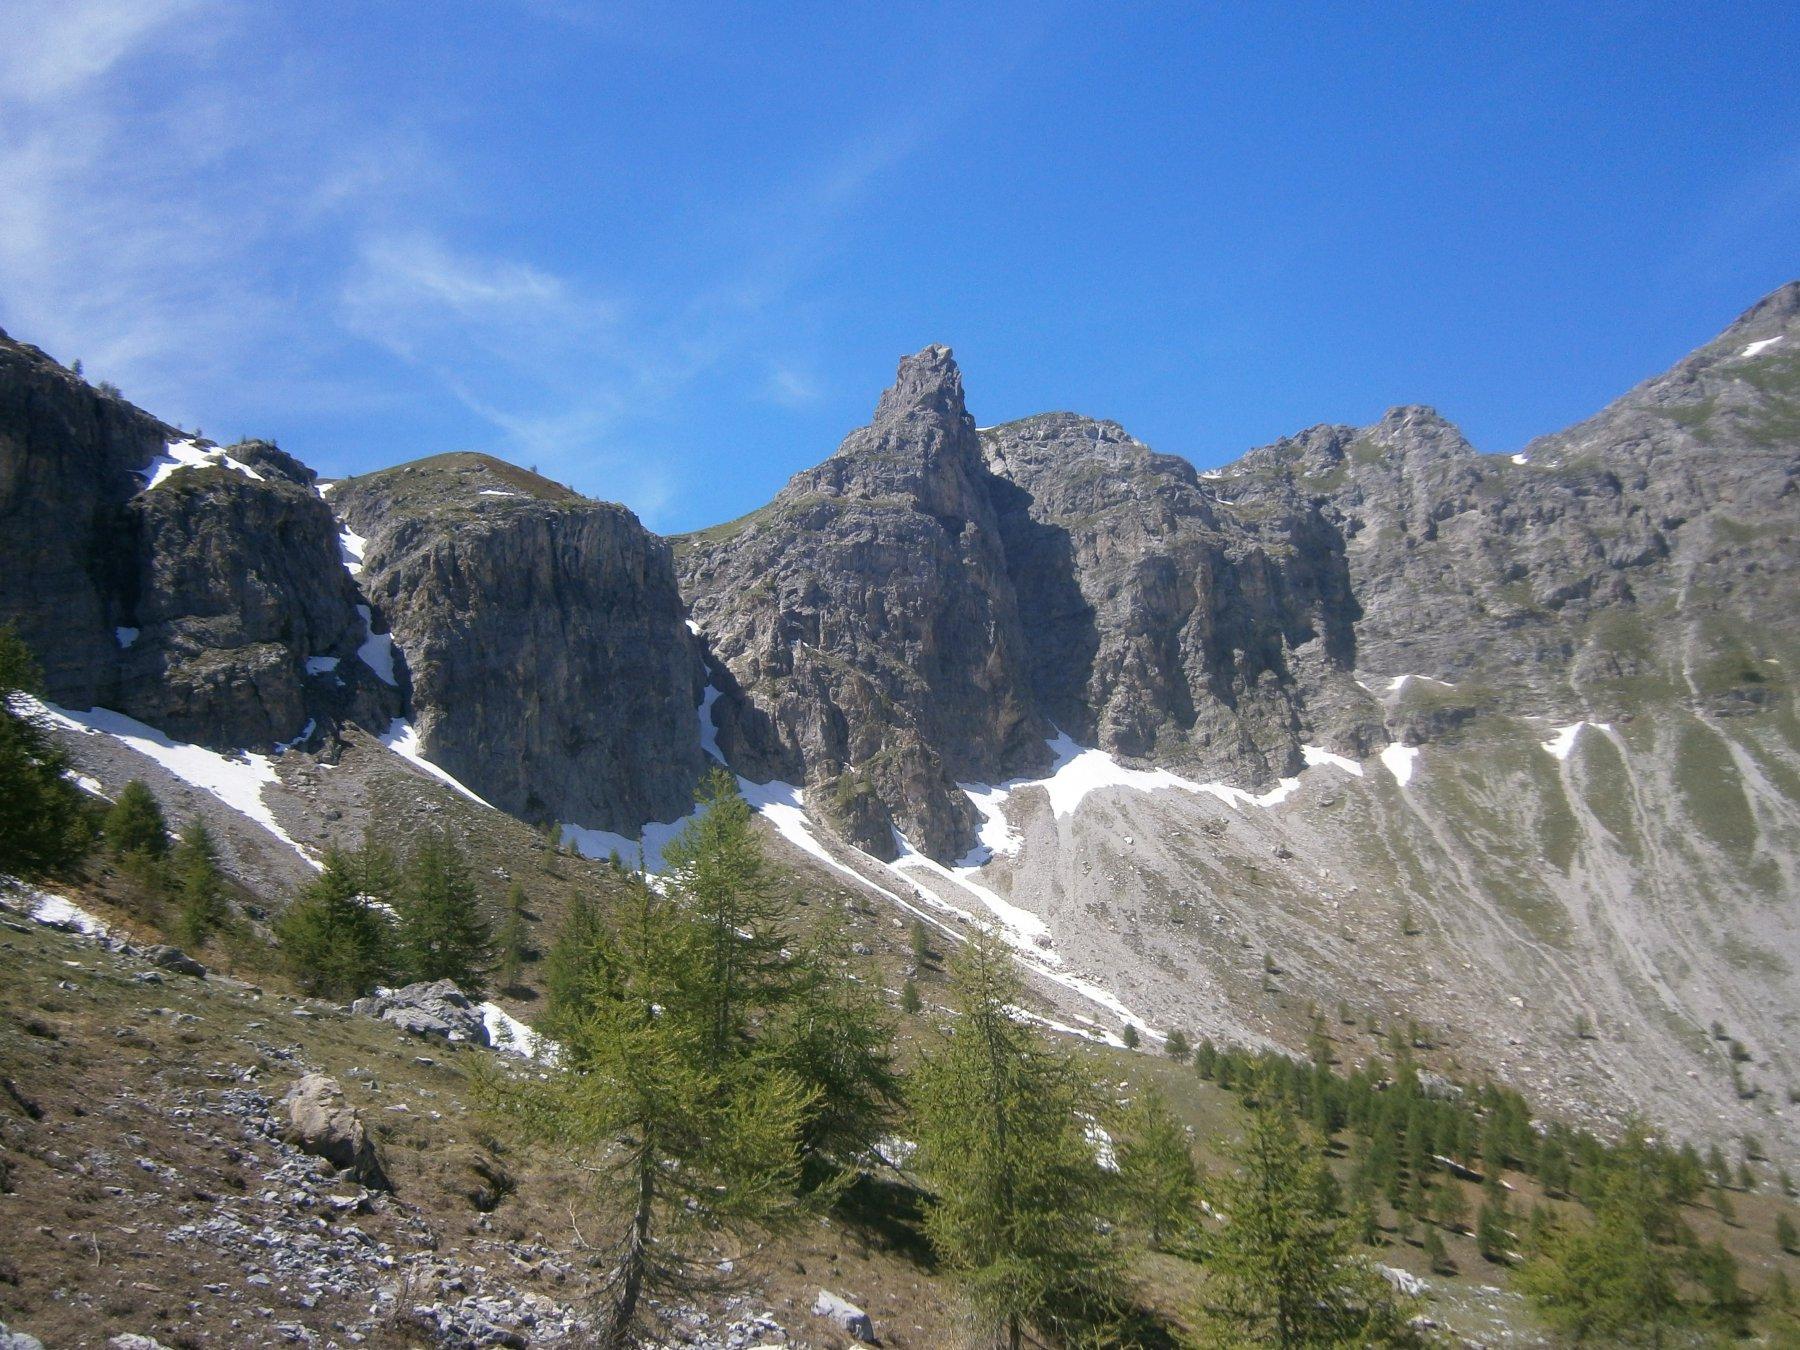 l centro, la guglia di roccia Longia